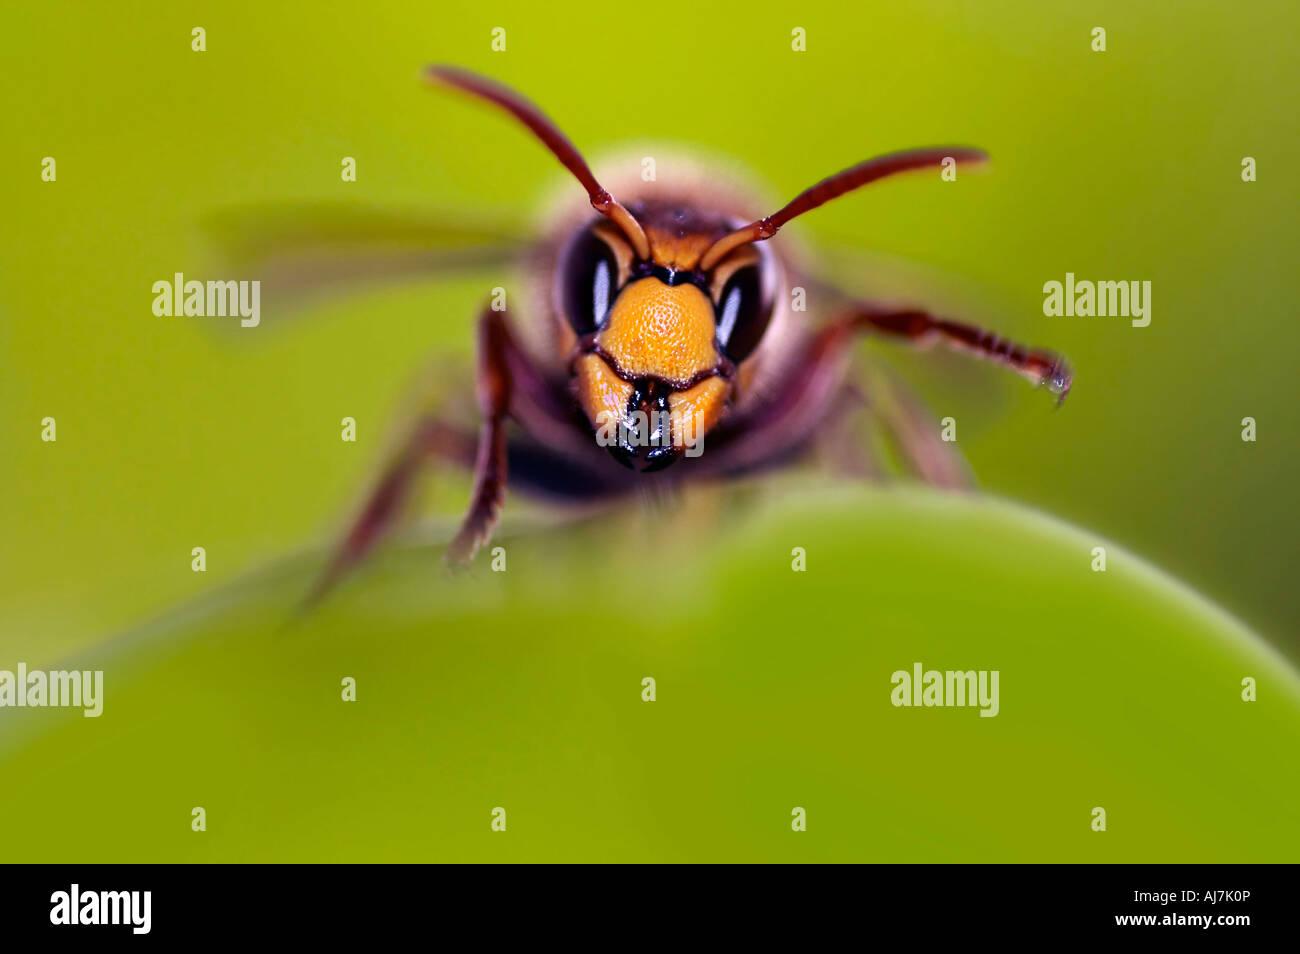 giant hornet - mandibles - Stock Image